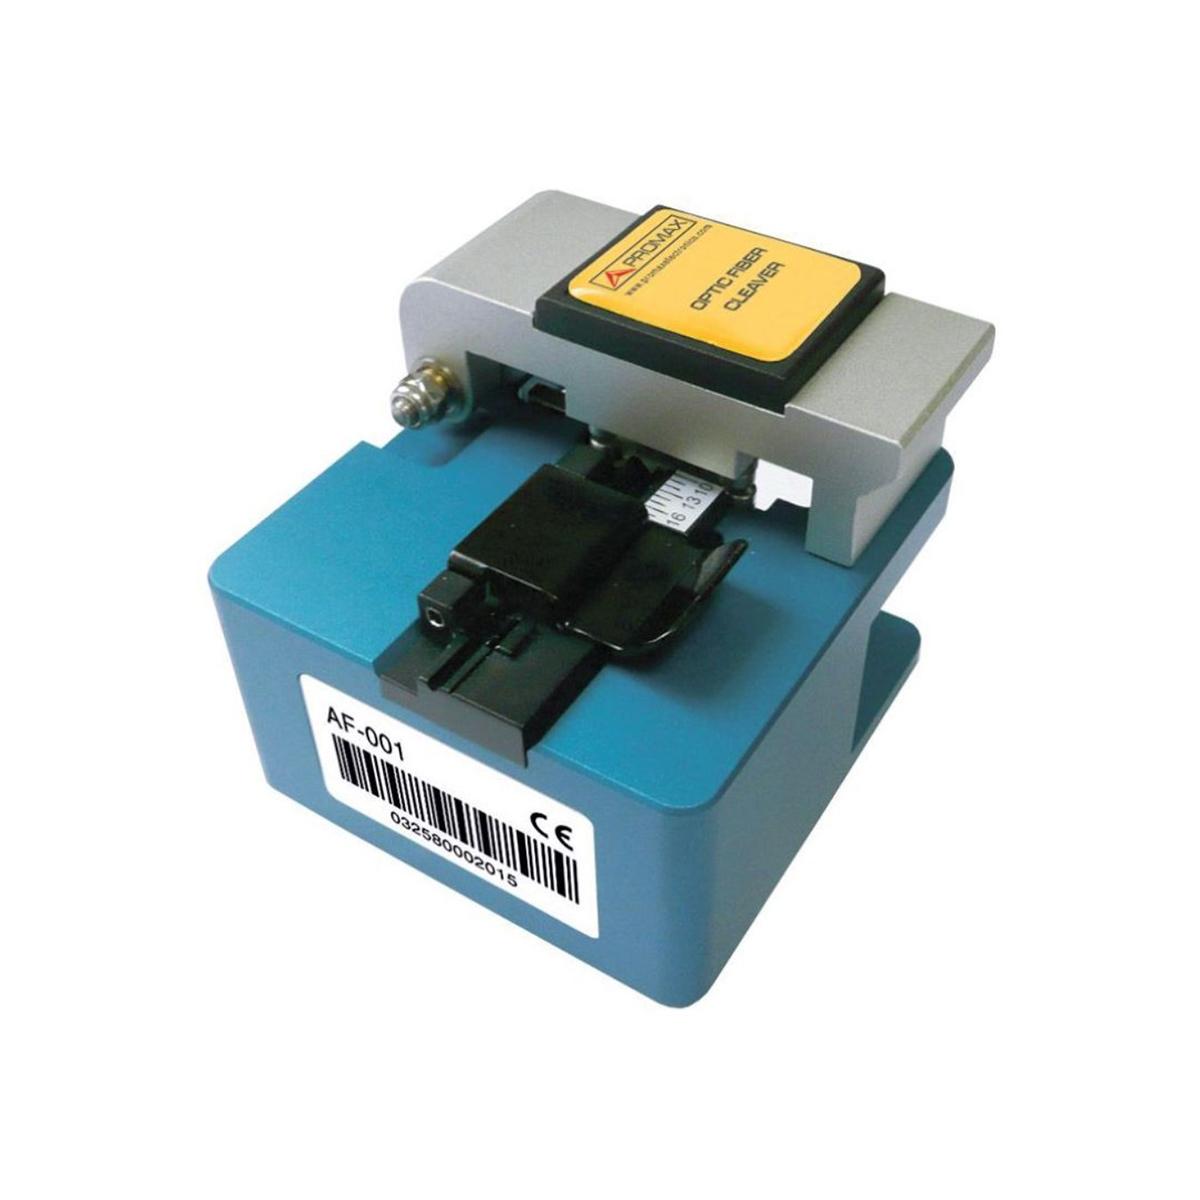 Cortadora para fibra óptica ProMax AF-001 AF-001